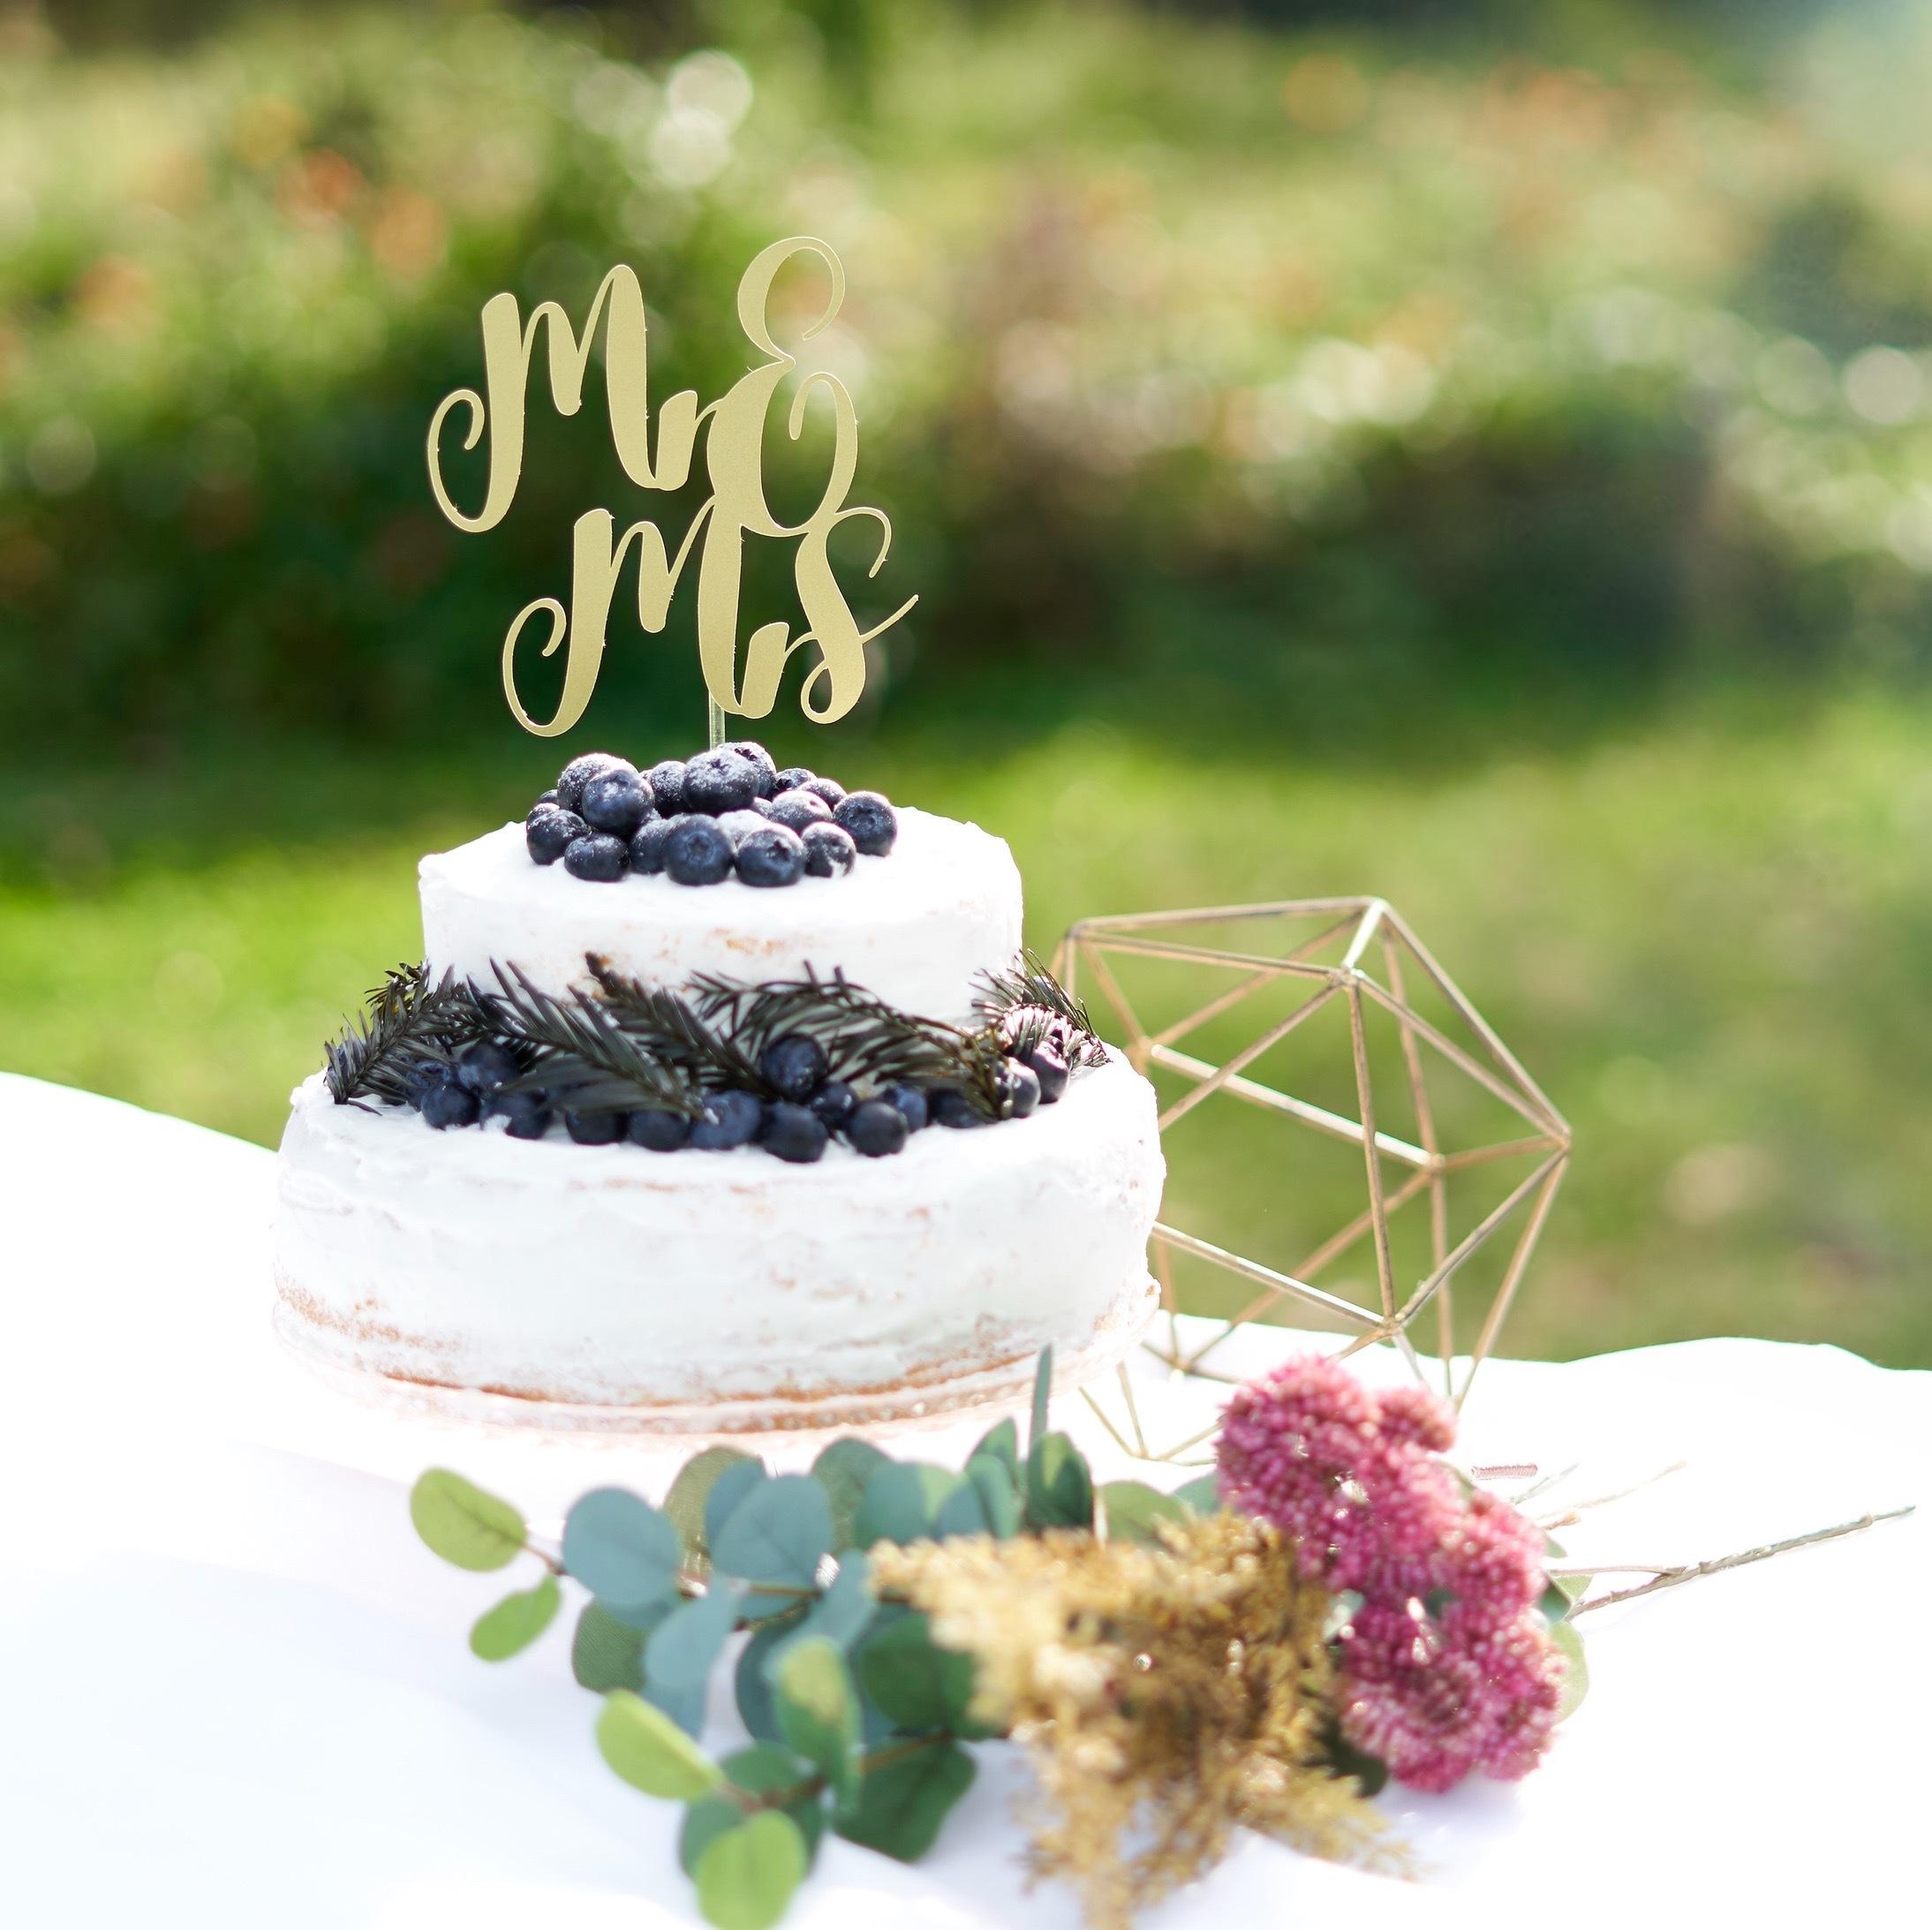 Mr & Mrs ケーキトッパー 結婚式 ウエディング 飾り付け フォトプロップス